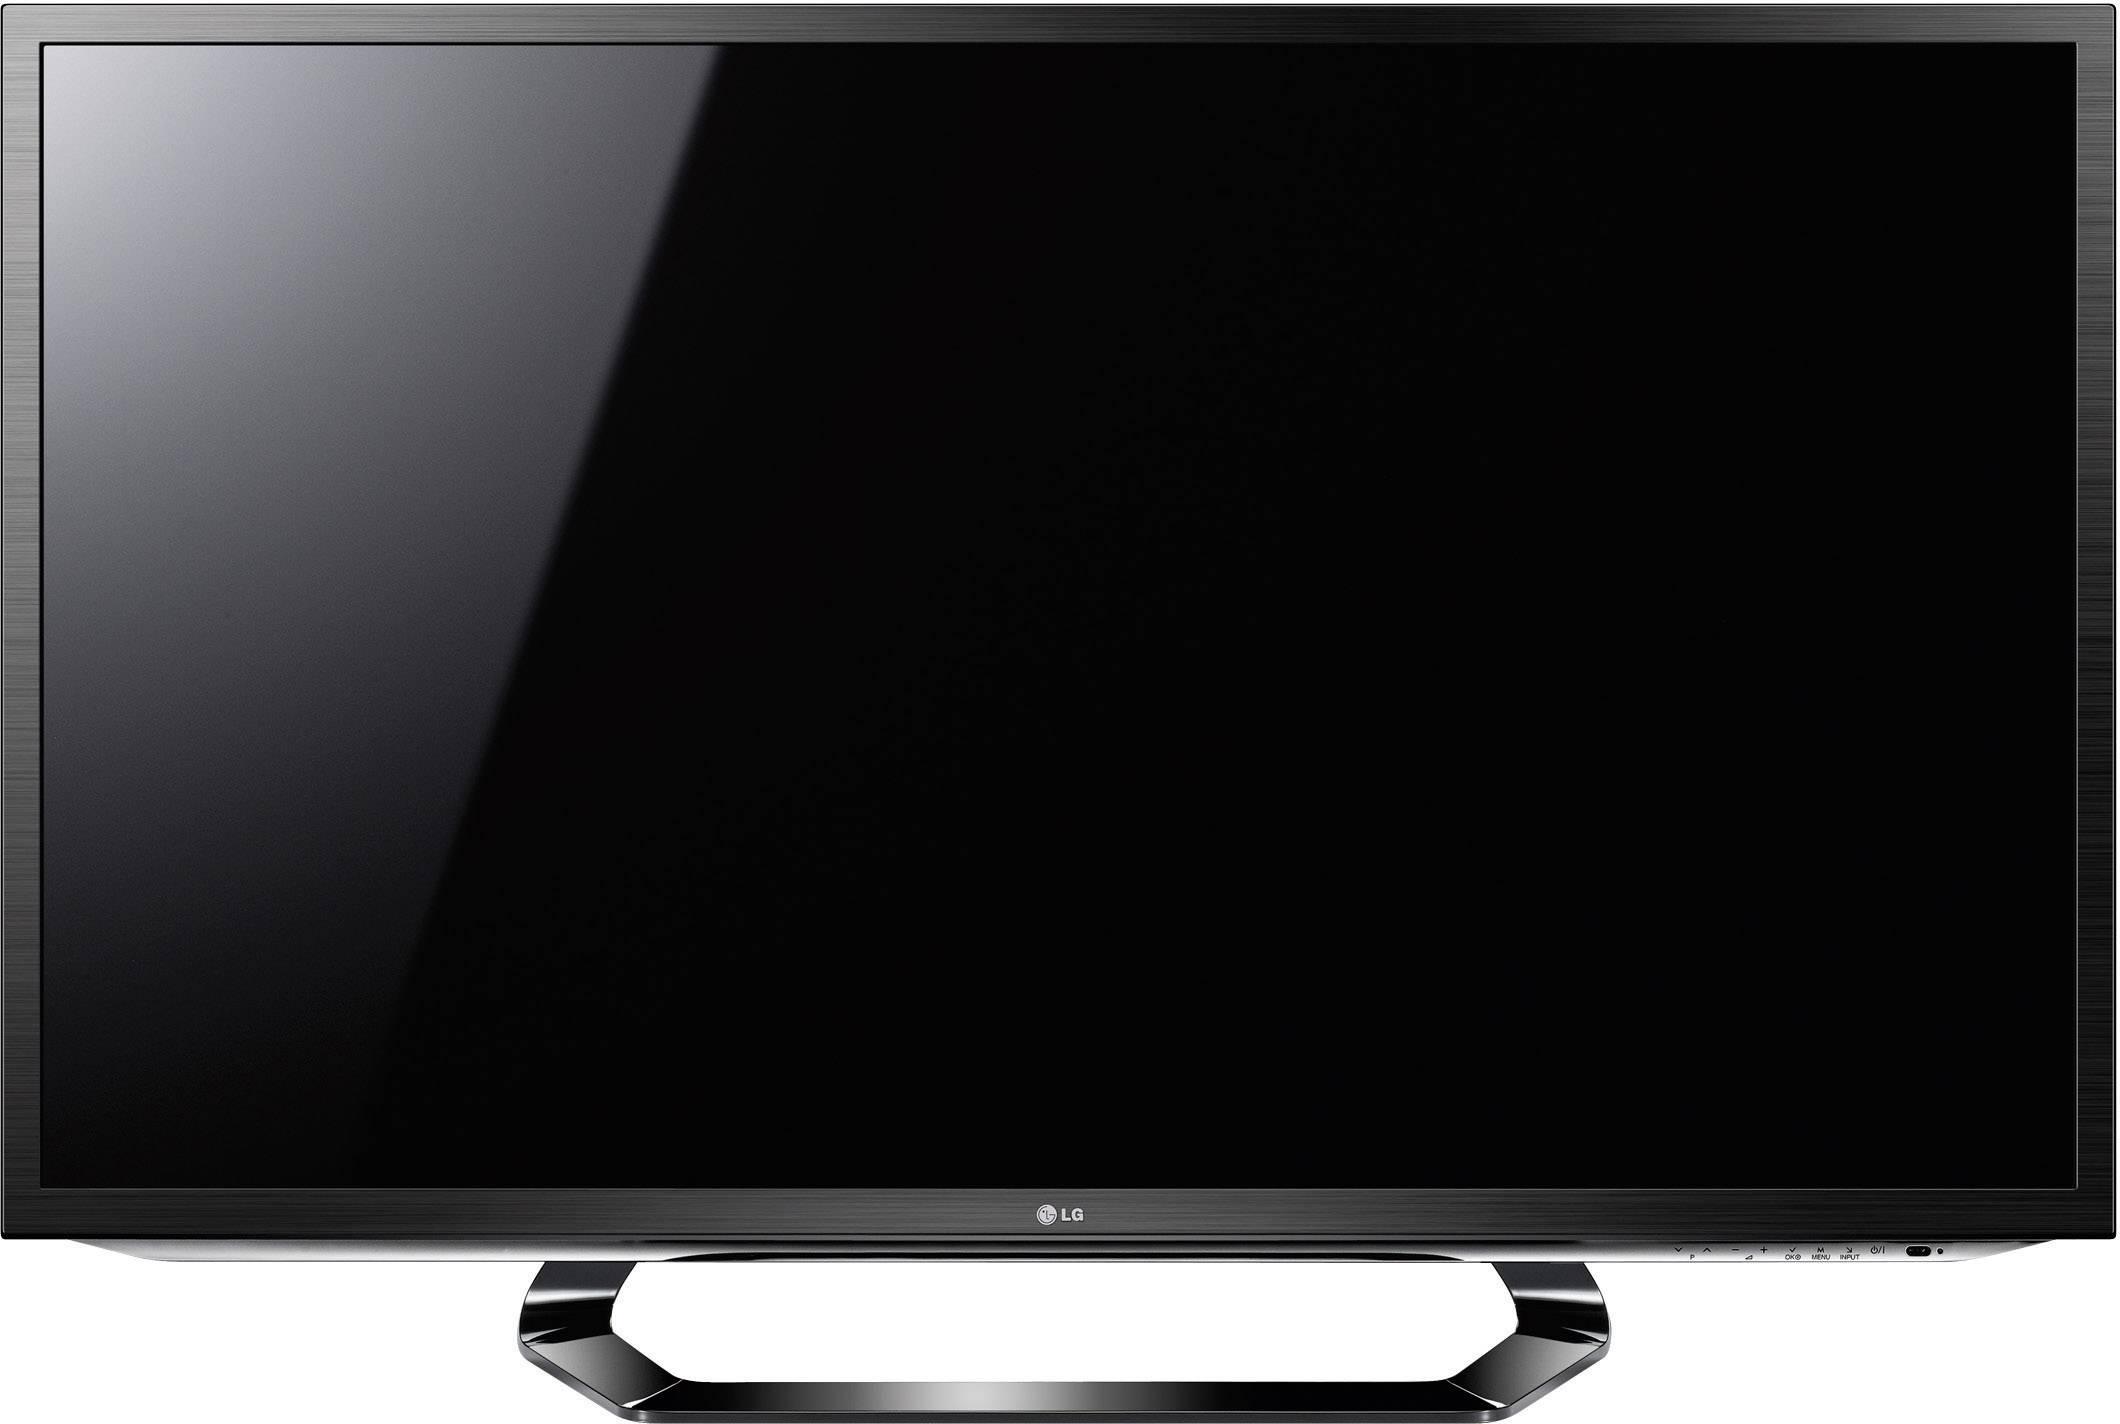 televiseur led 3d 47 pouces 119 cm full hd lg electronics 47lm620s 47lm620s